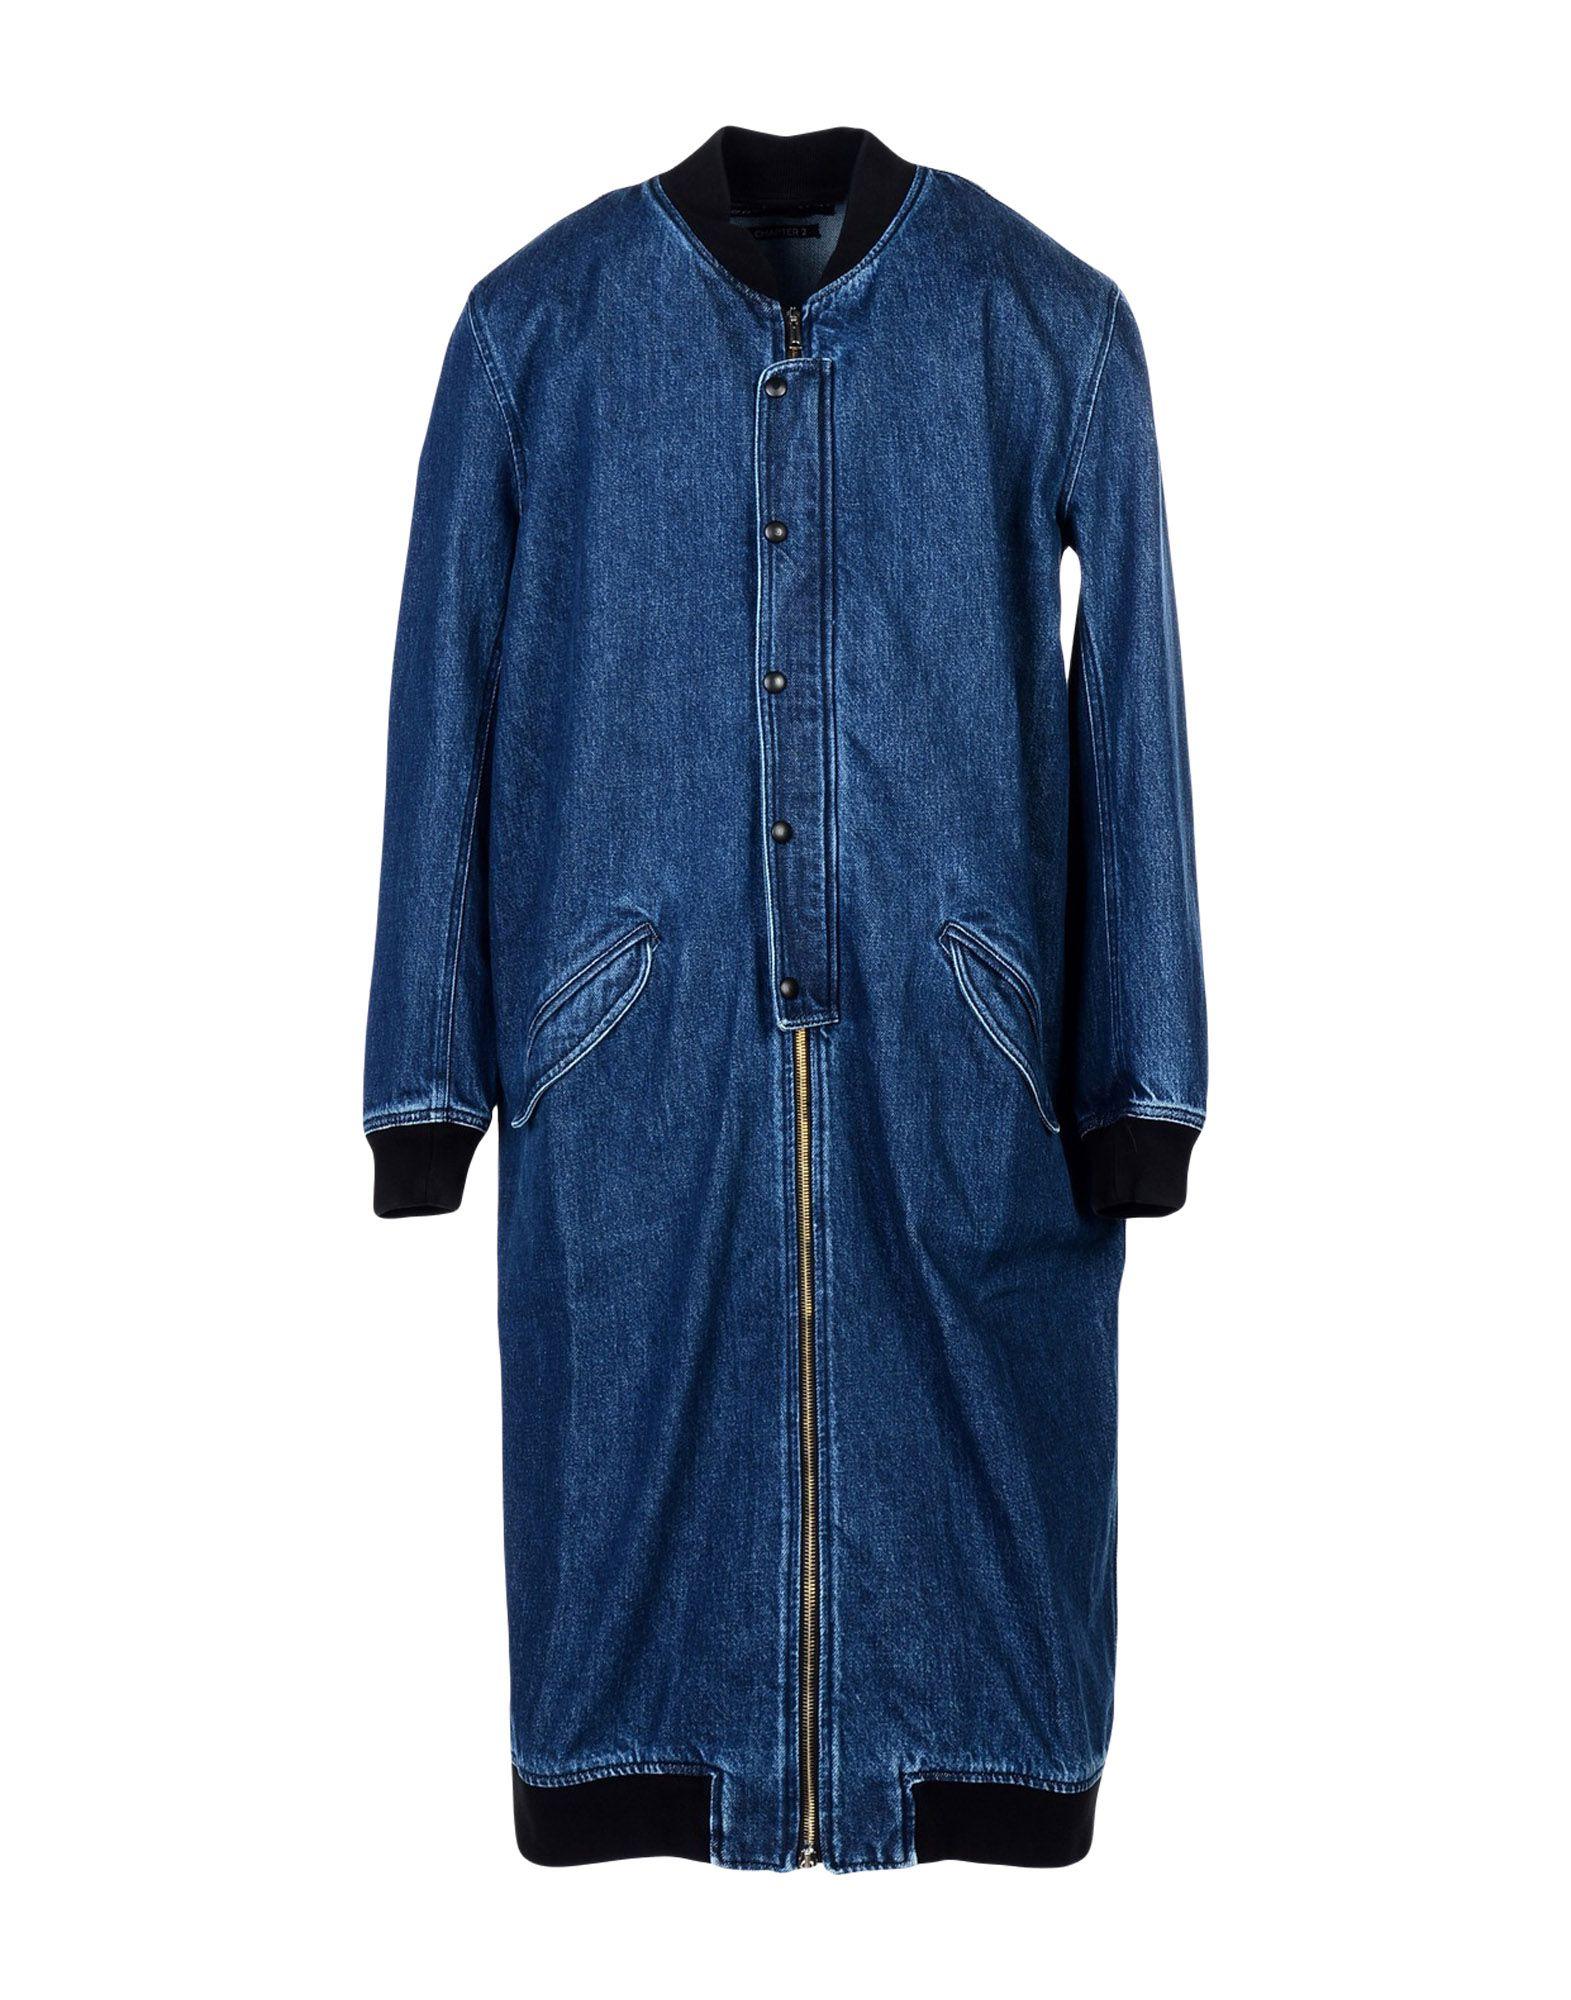 THE CRYPTONYM Джинсовая верхняя одежда